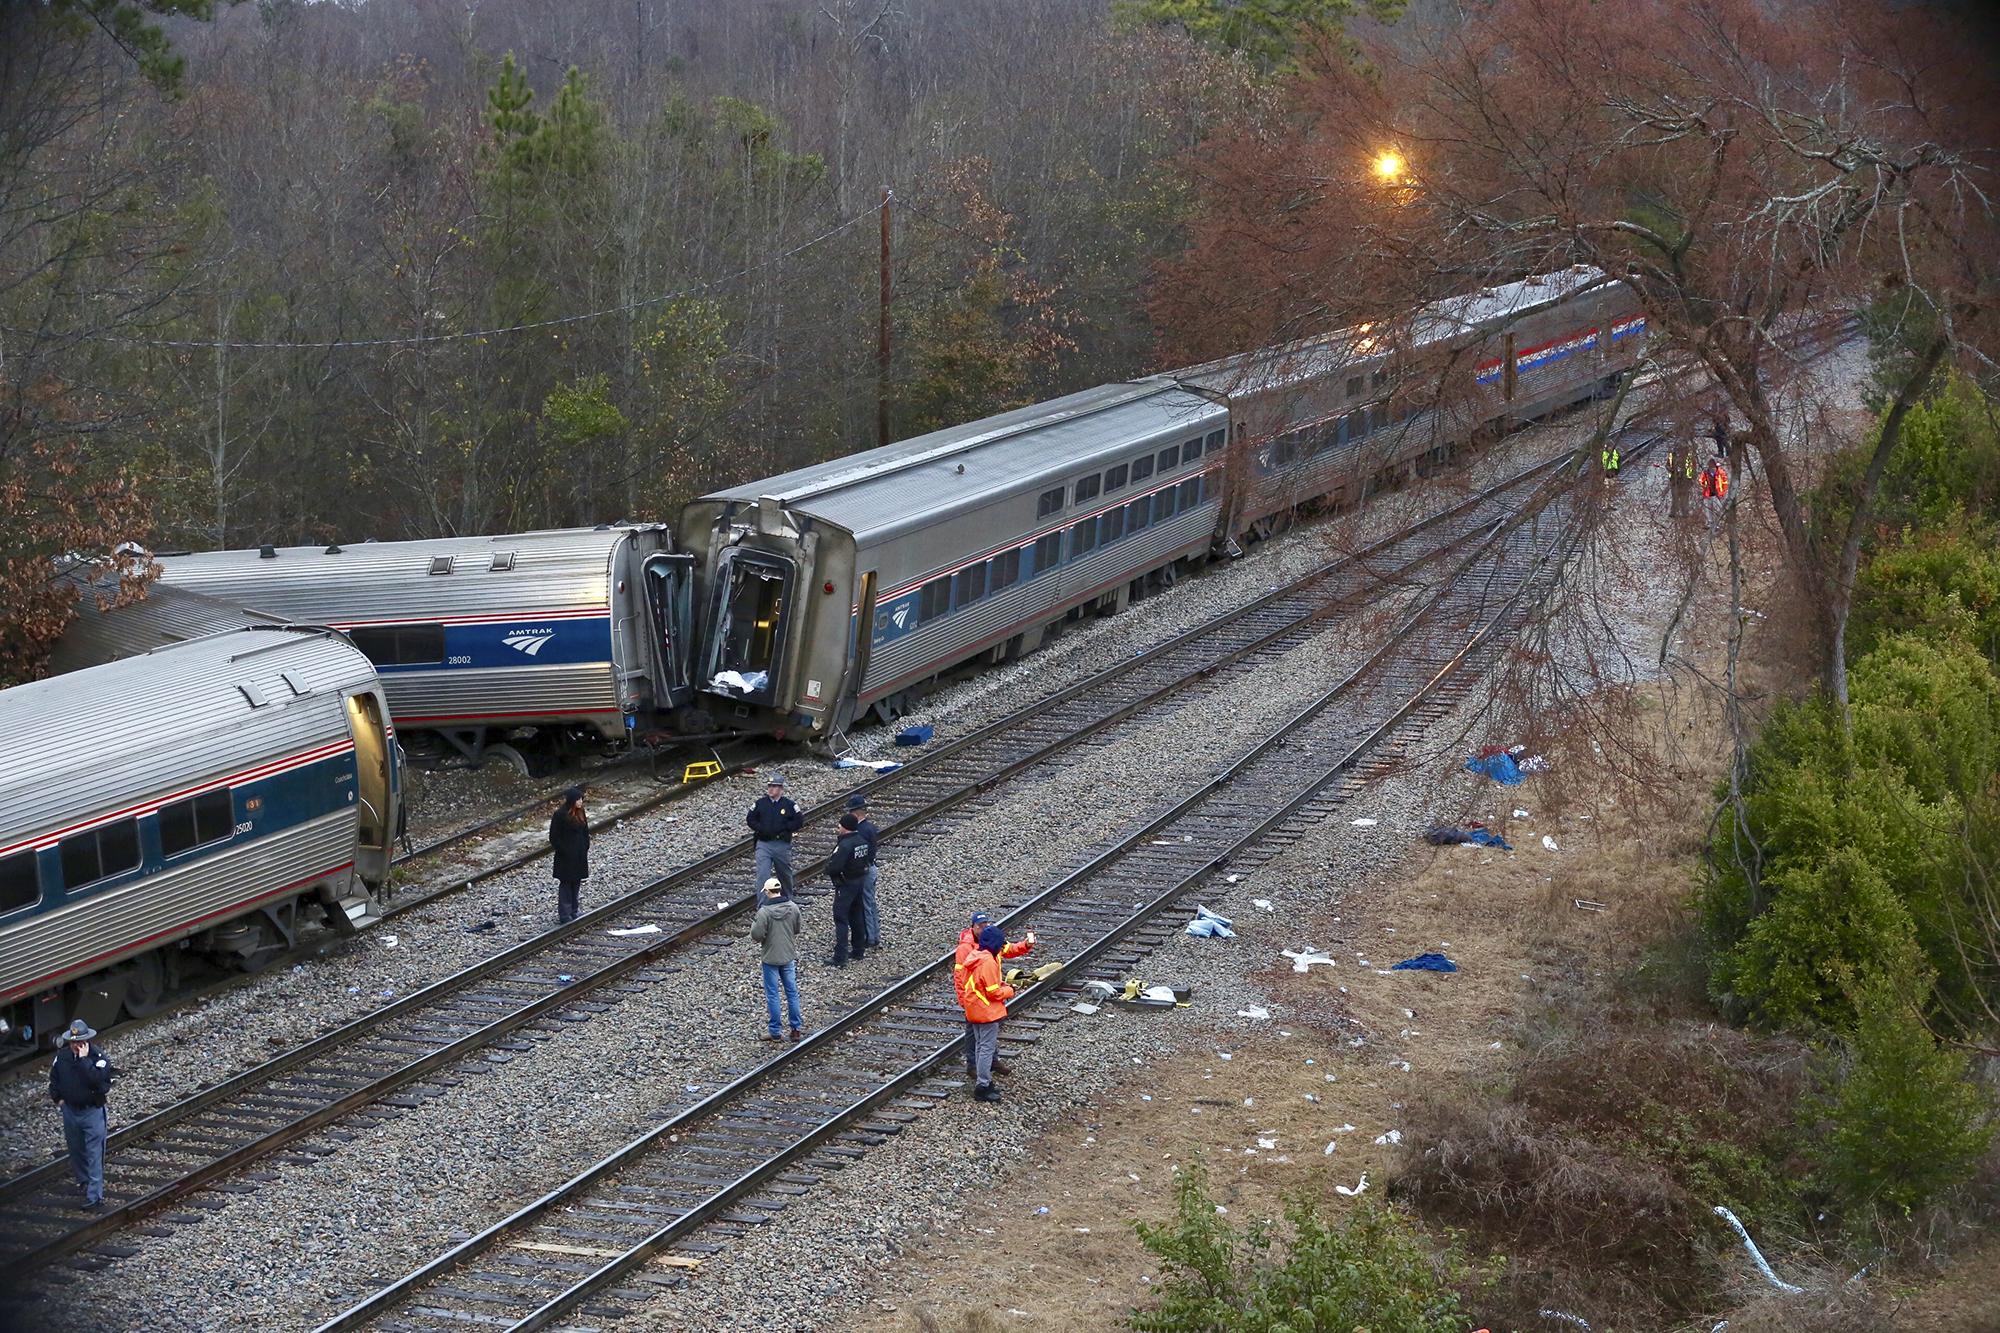 美鐵一列載客列車跟一列貨運列車相撞,造成至少2死70傷。 (美聯社)